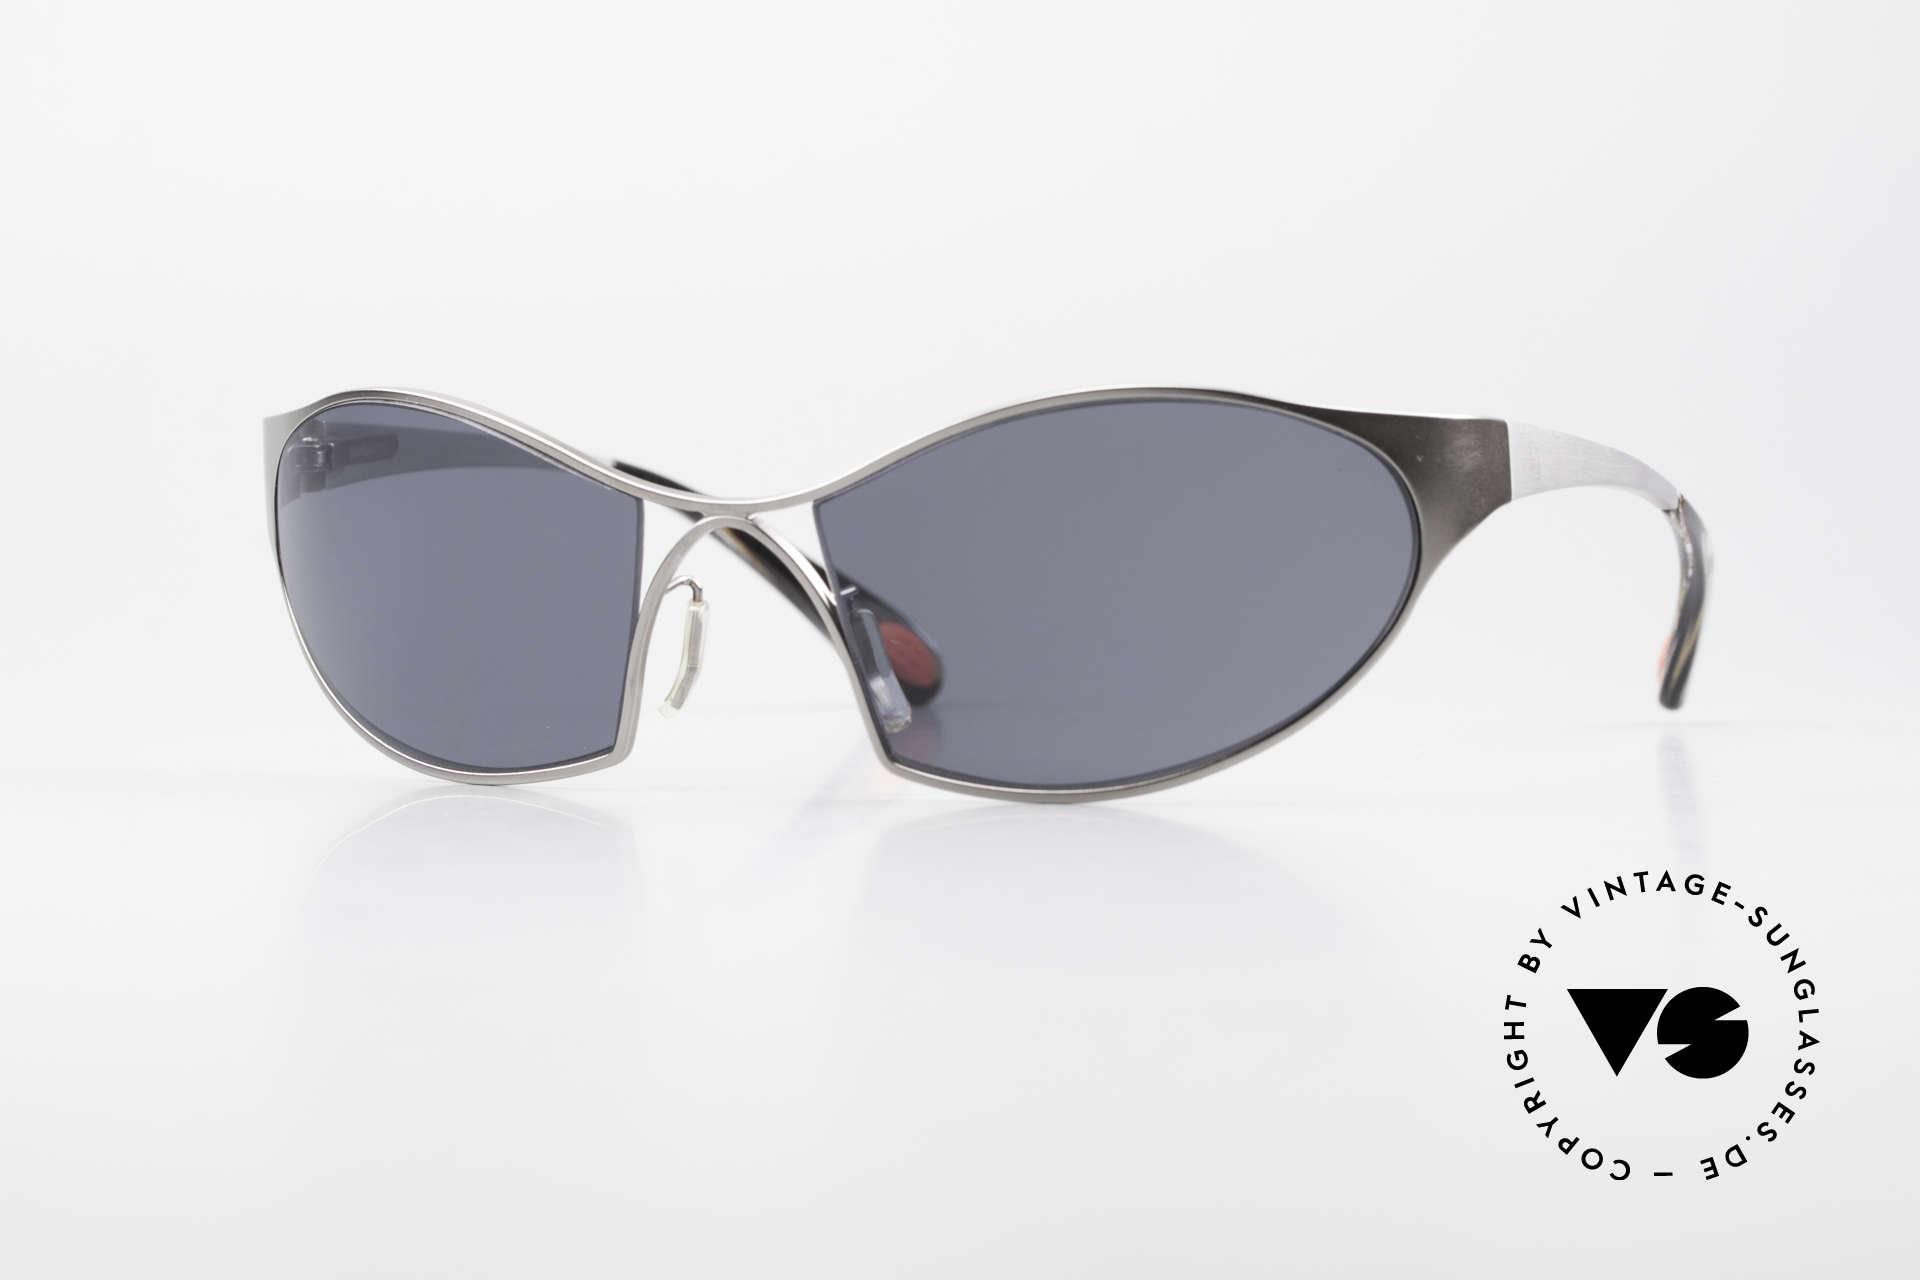 Bugatti 368 Odotype Sportliche Herren Sonnenbrille, sportliche Bugatti Sonnenbrille für Herren, Passend für Herren